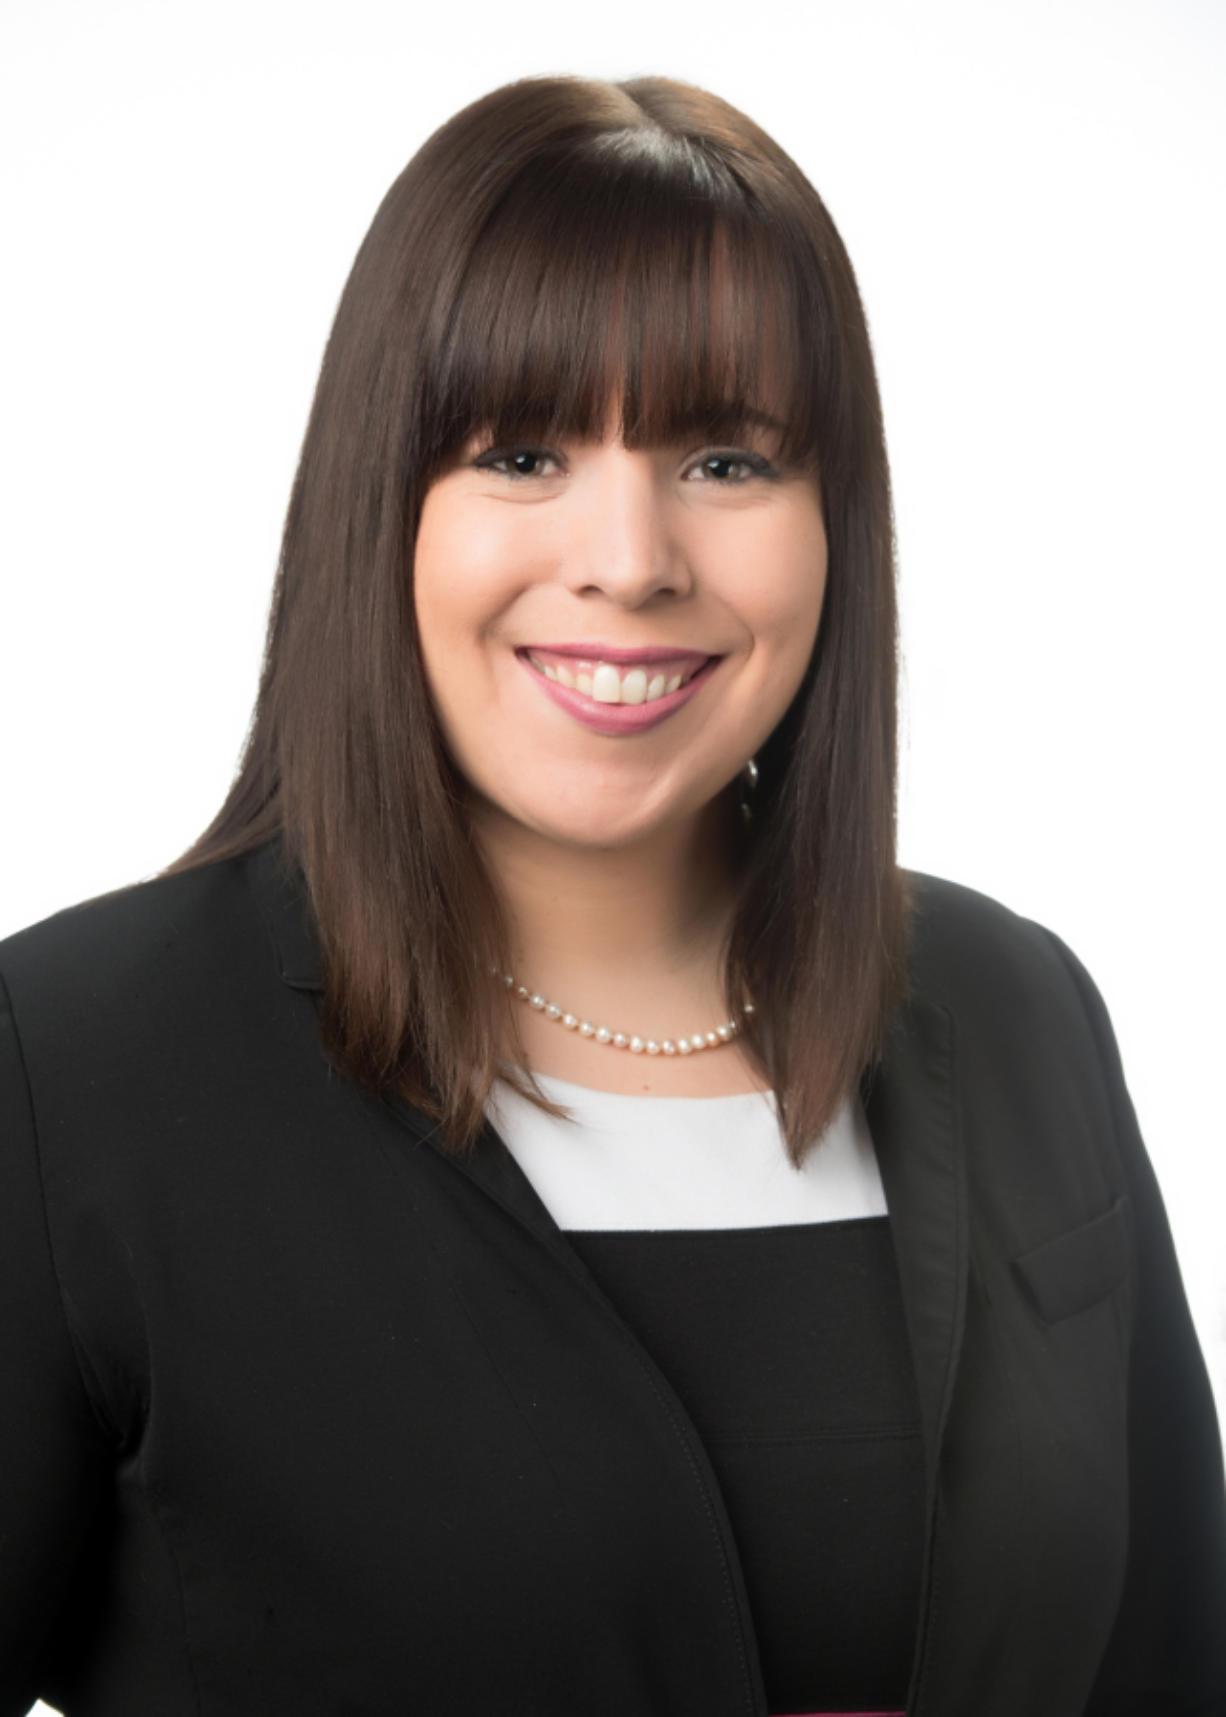 Samantha Codi Walker